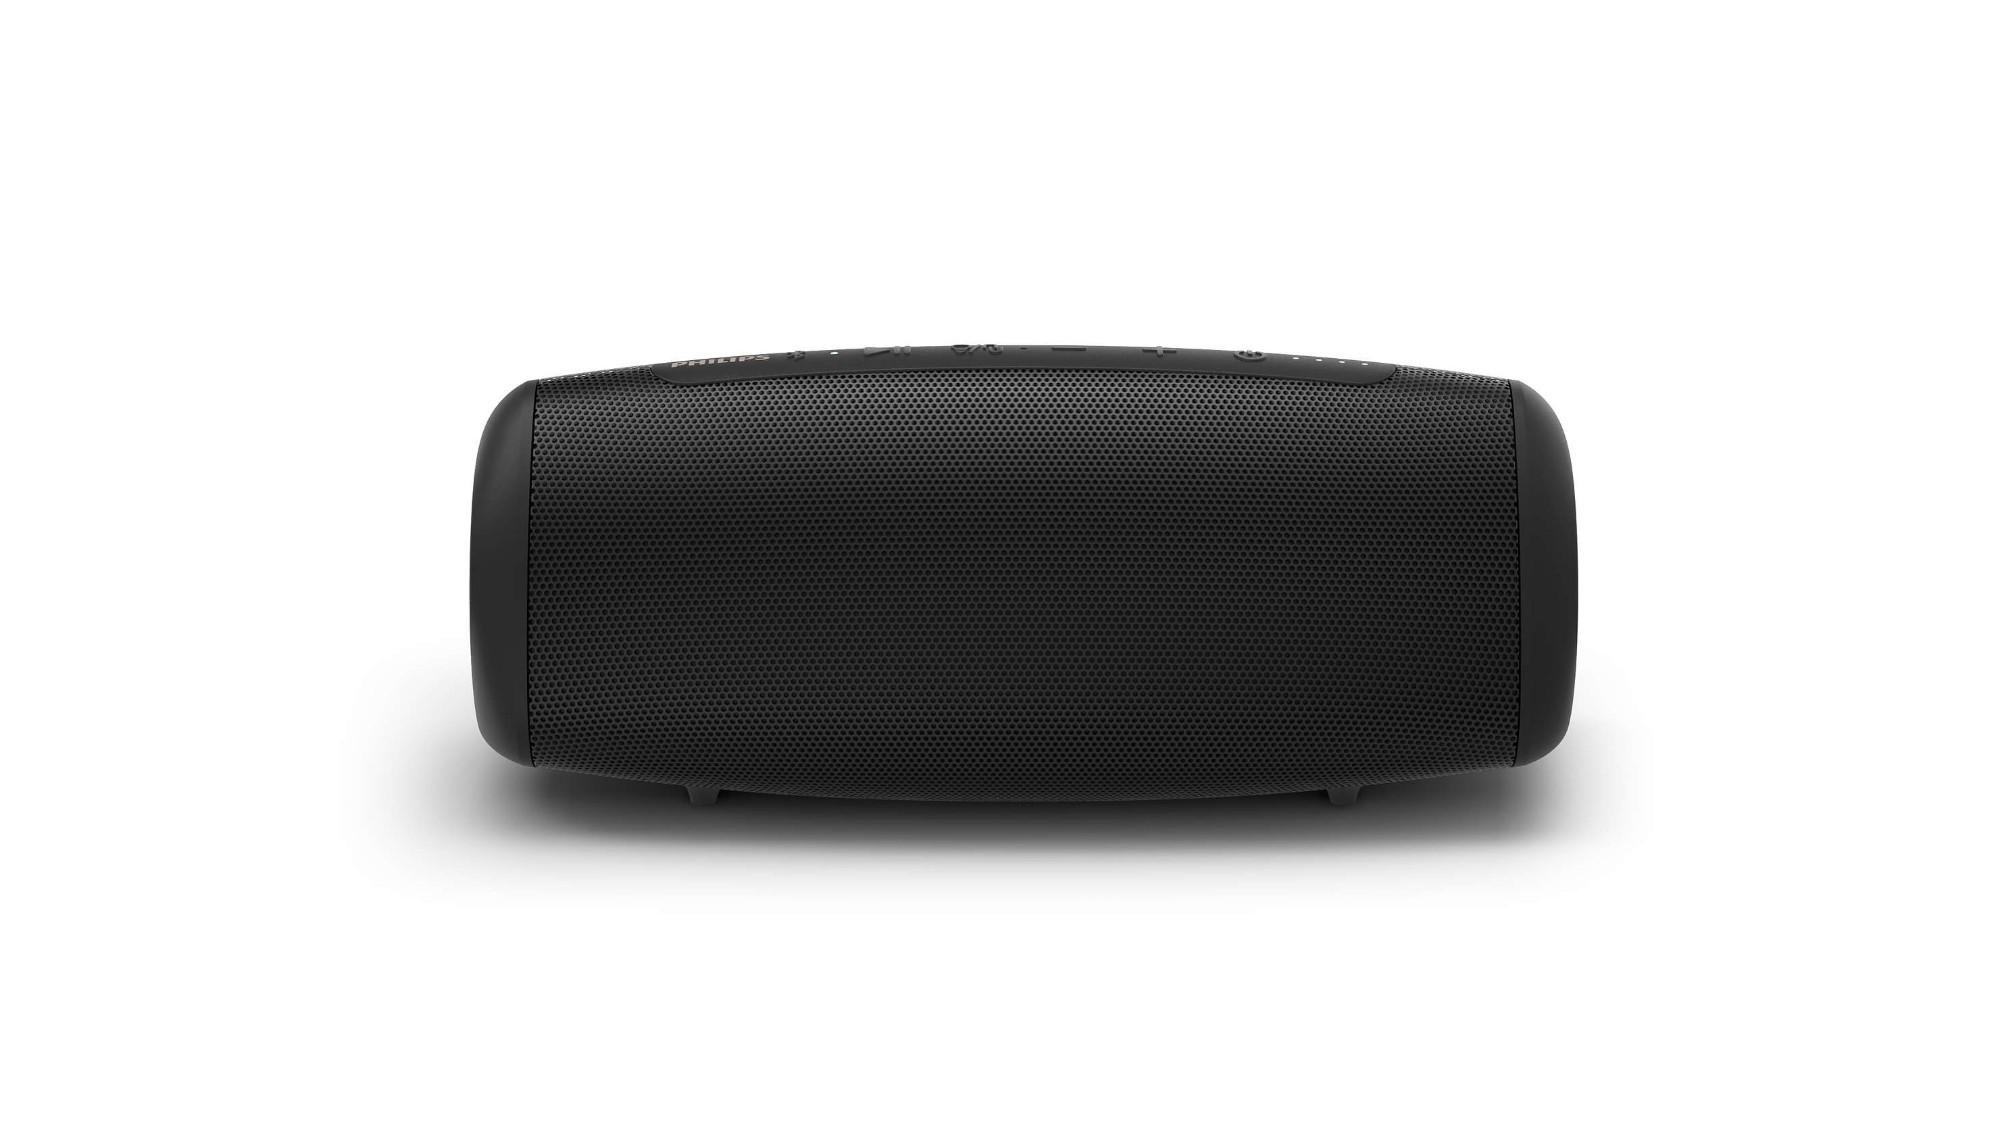 Philips TAS5305/00 portable speaker Stereo portable speaker Black 16 W